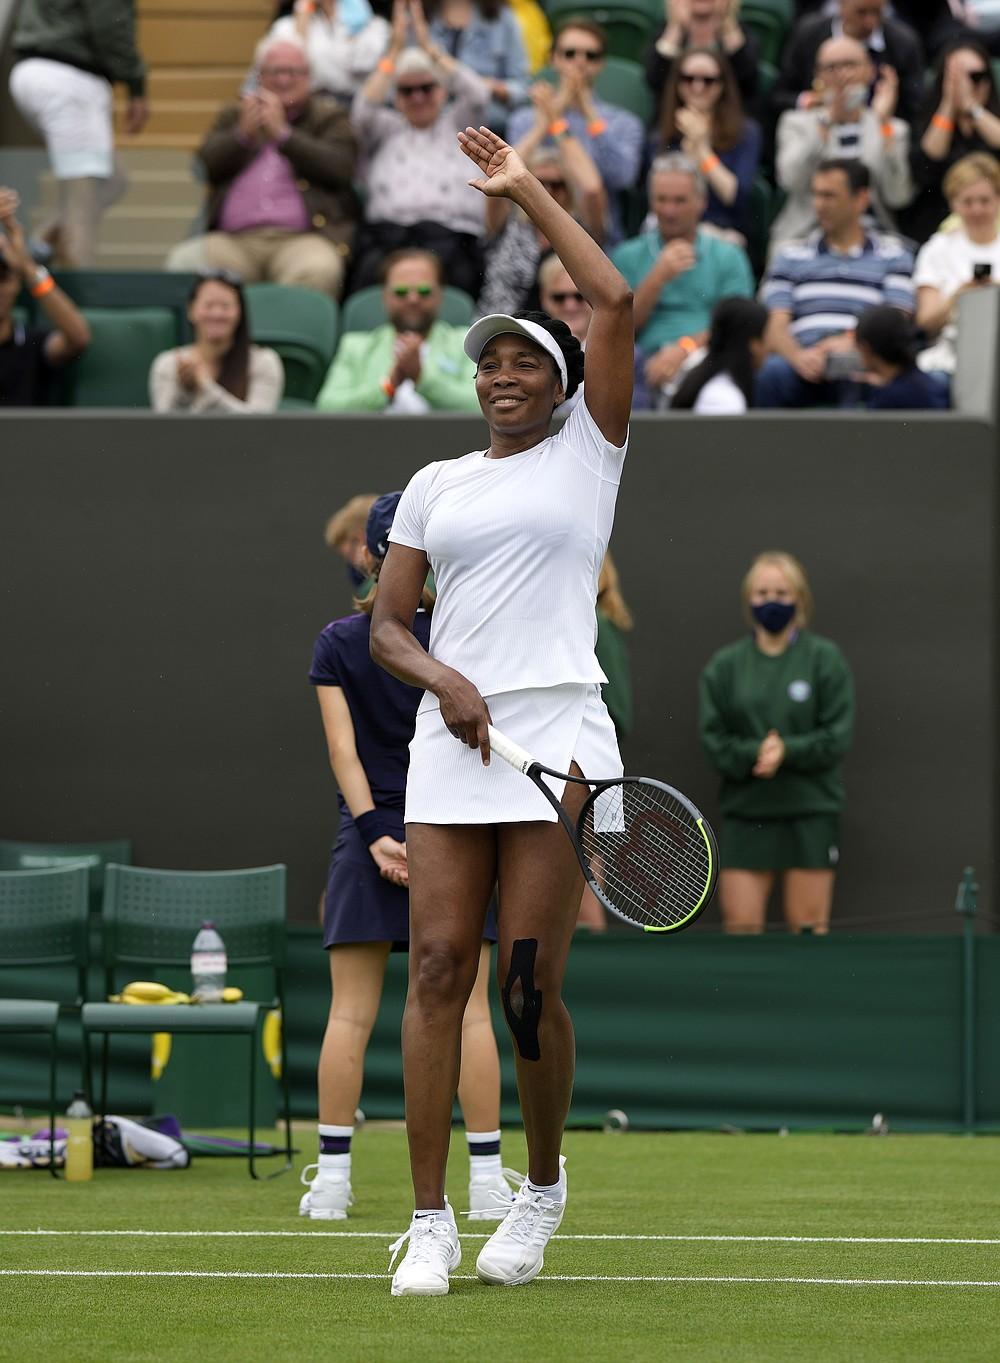 Americanul Venus Williams sărbătorește câștigarea meciului din prima rundă la feminin la Mihaela Buzarnescu în ziua a doua a Campionatelor de tenis de la Wimbledon de la Londra, marți, 29 iunie 2021 (Foto AP / Alastair Grant)